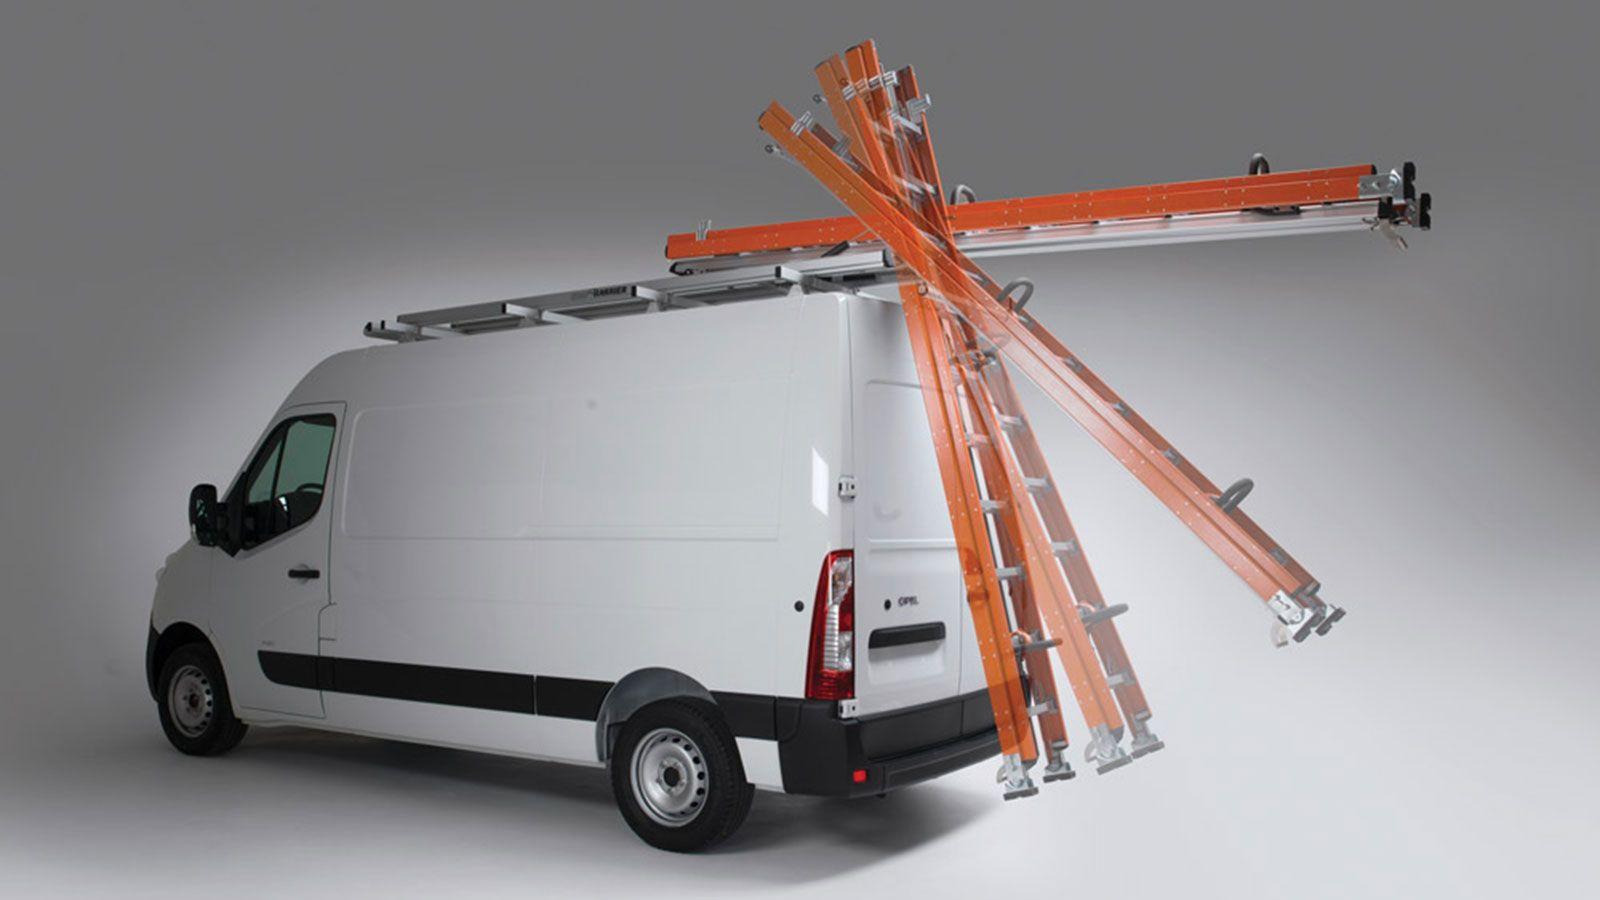 Ασφάλεια, ποιότητα και άριστη απόδοση με το άνετο σύστημα υποβοήθησης ανόδου και καθόδου της σκάλας.